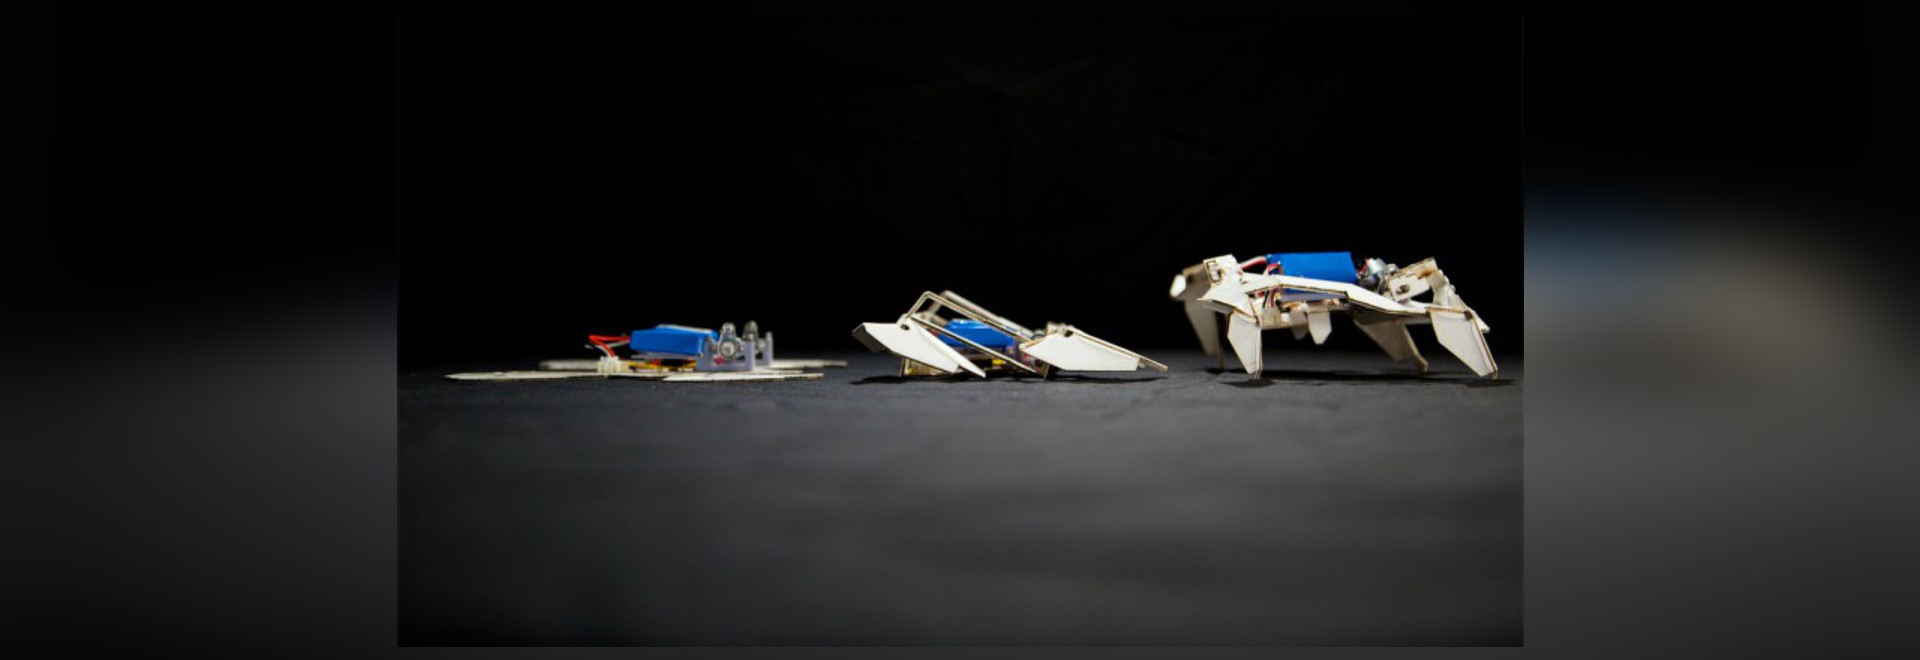 ROBOT DI TRASFORMAZIONE SELF-FOLDS E CAMMINATE DA SÈ